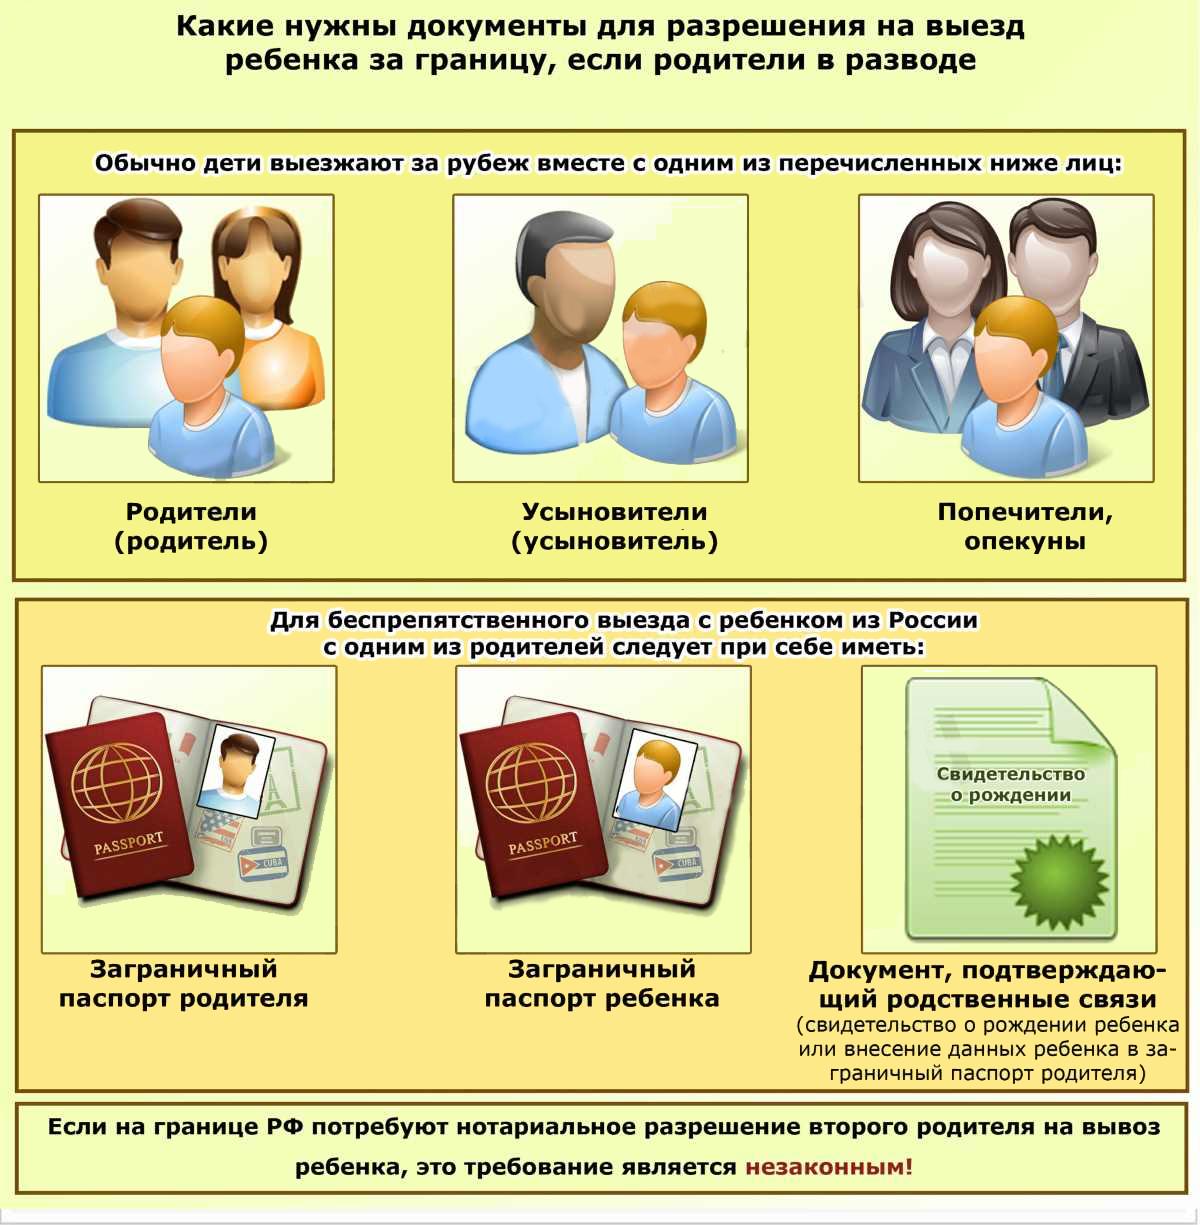 Разрешение на выезд ребенка за границу: инструкции и нюансы